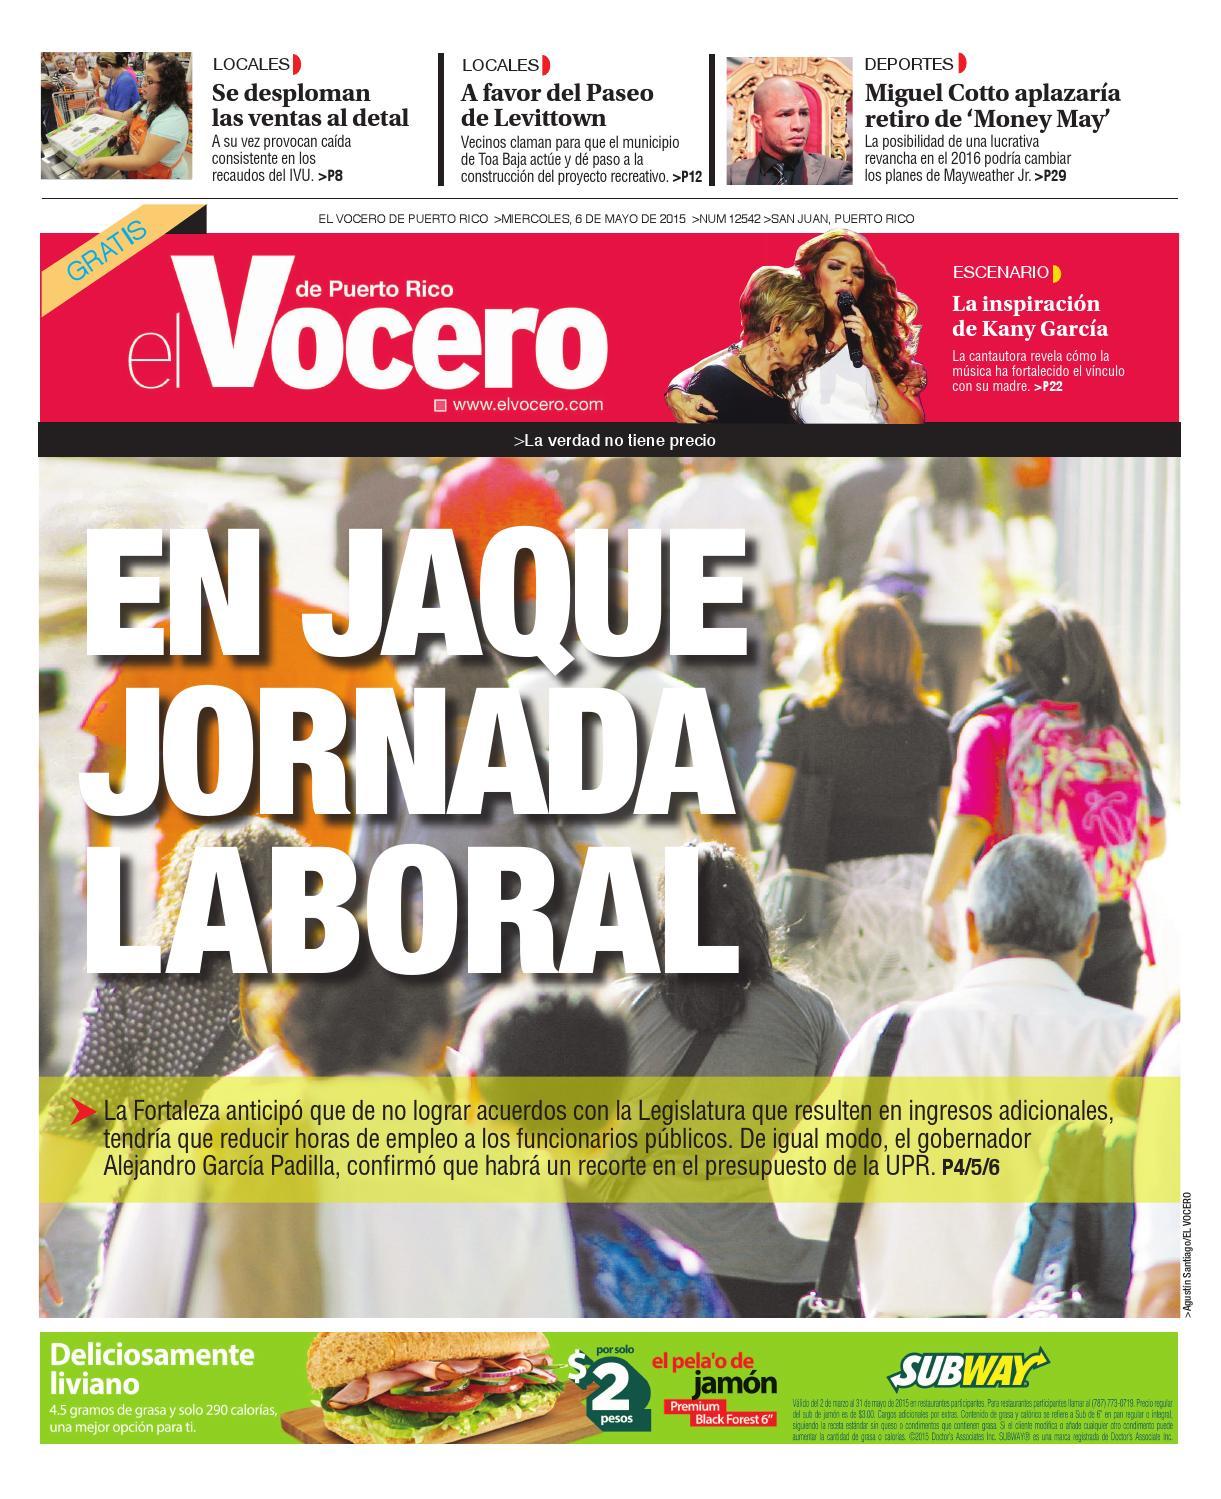 Edición 6 de Mayo 2015 by El Vocero de Puerto Rico - issuu 4bd9d27d50a